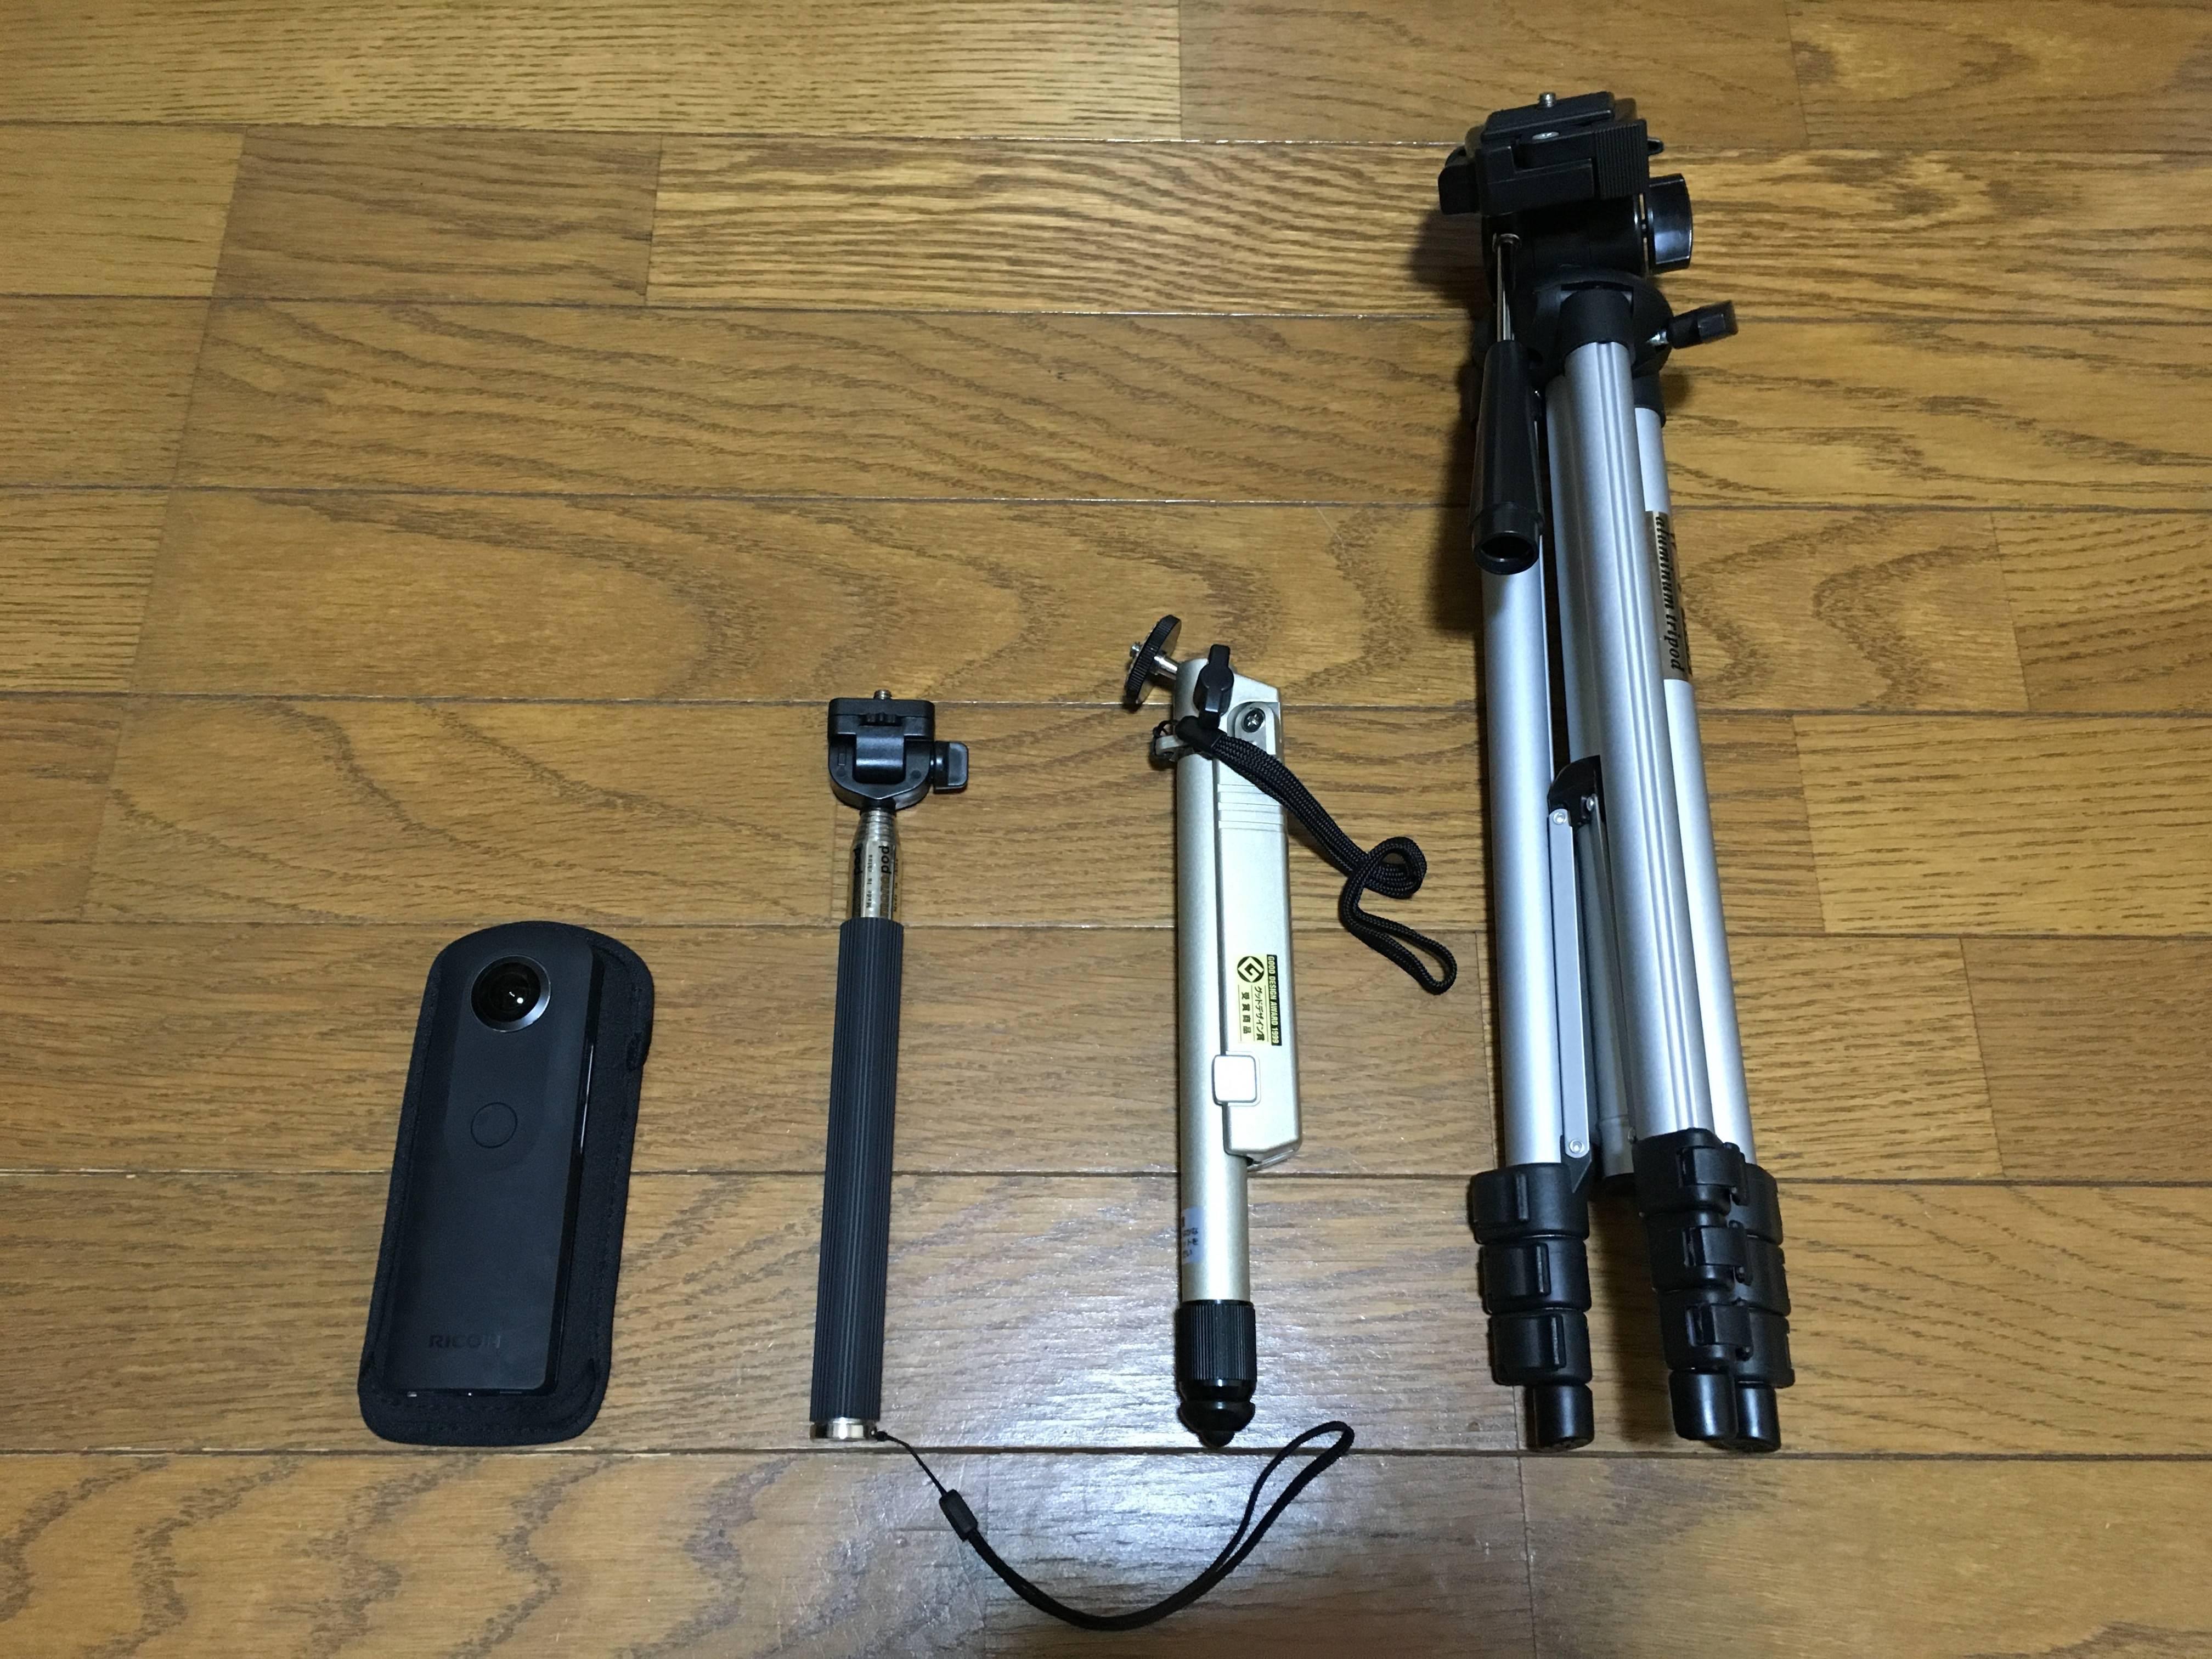 シータ(THETA)におすすめの自撮り棒と三脚を使った撮影テクニックを紹介。